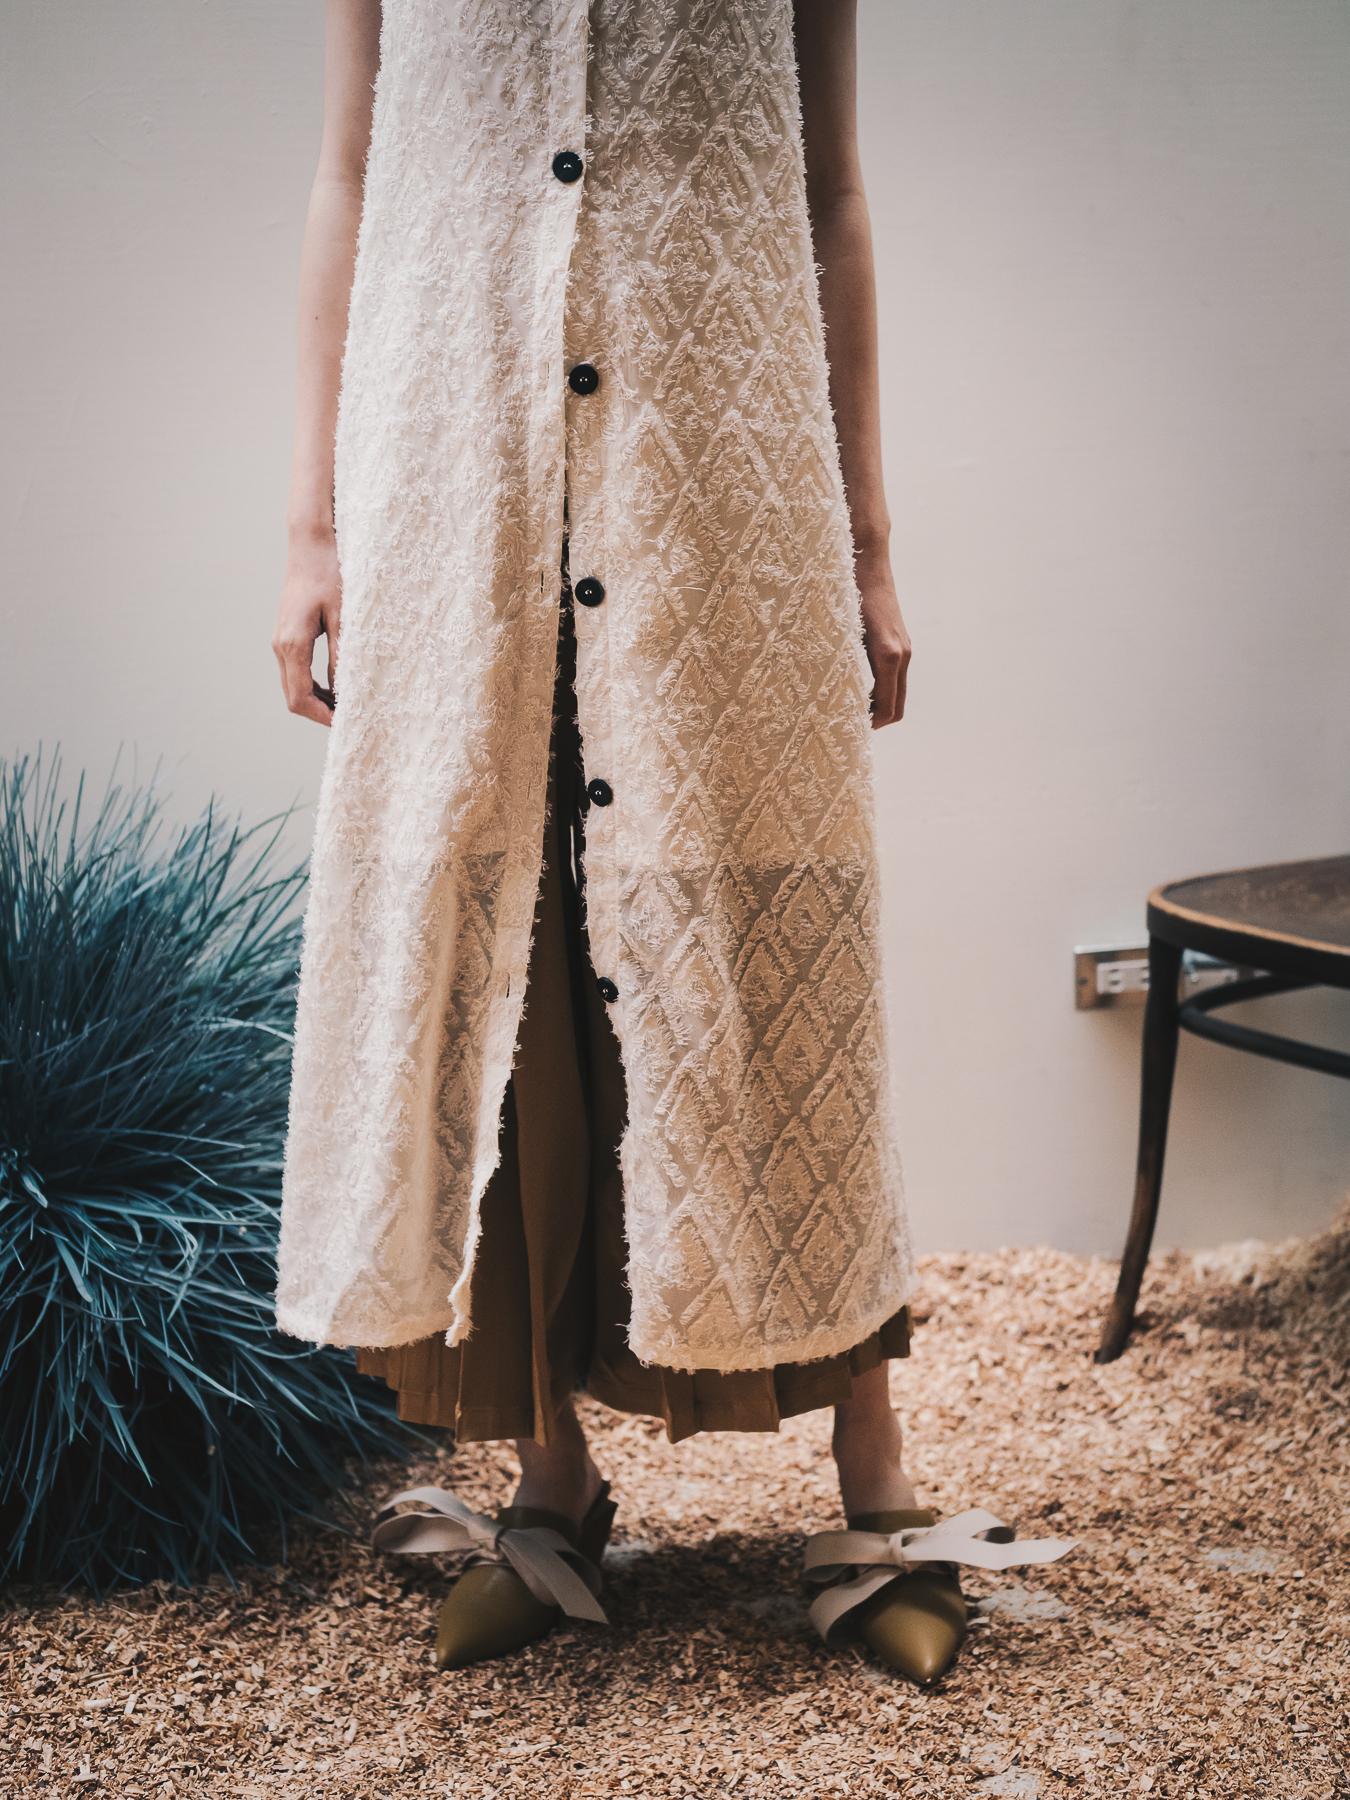 Ullnaka Dress Code 2018 - Olympus E-M1MarkII 2512 - Yes! Please Enjoy-22.jpg